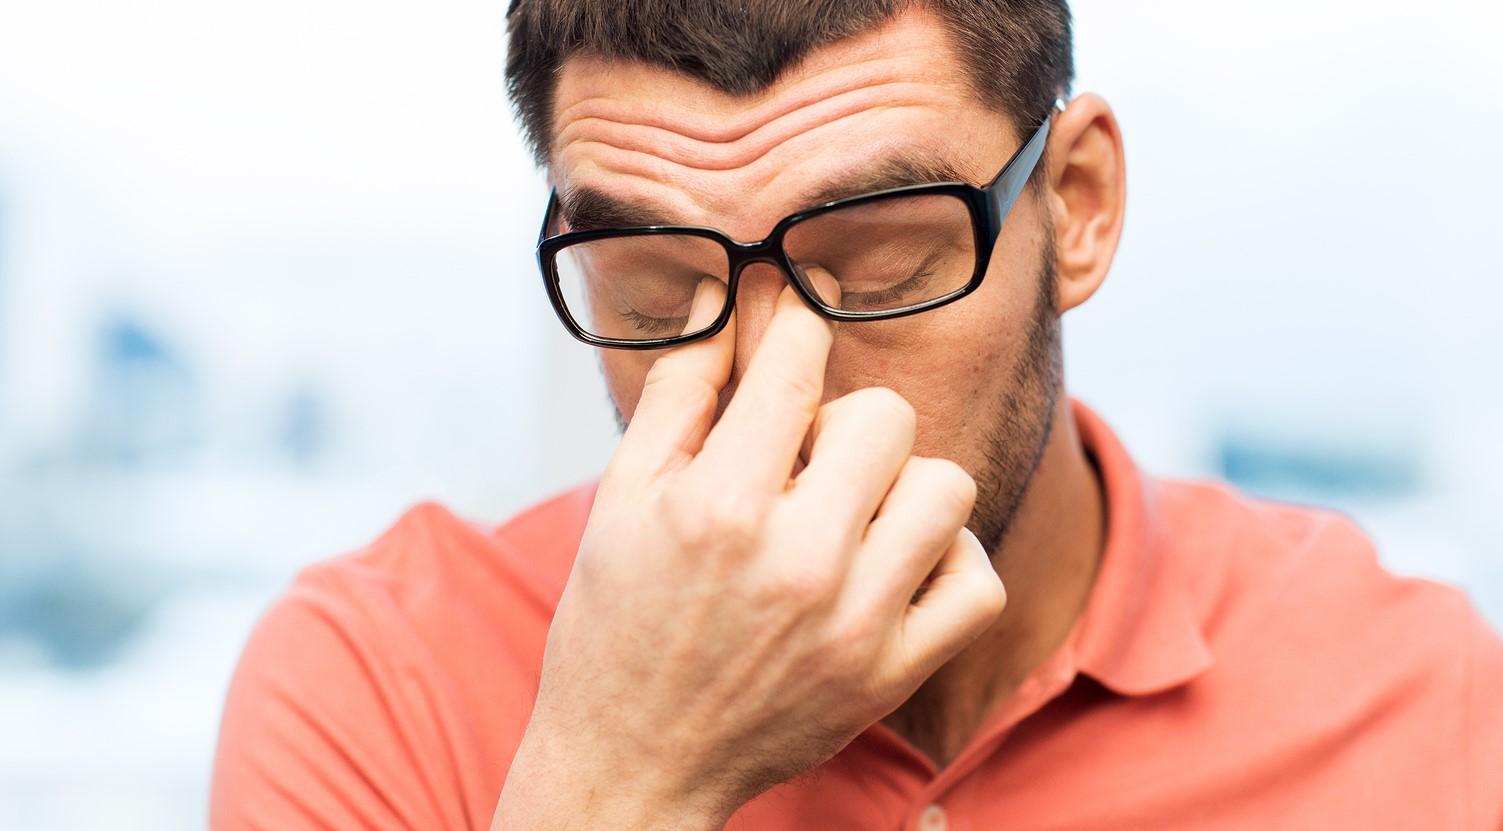 Alacsony vérnyomás veszélyei - Mire kell figyelni? (1.)